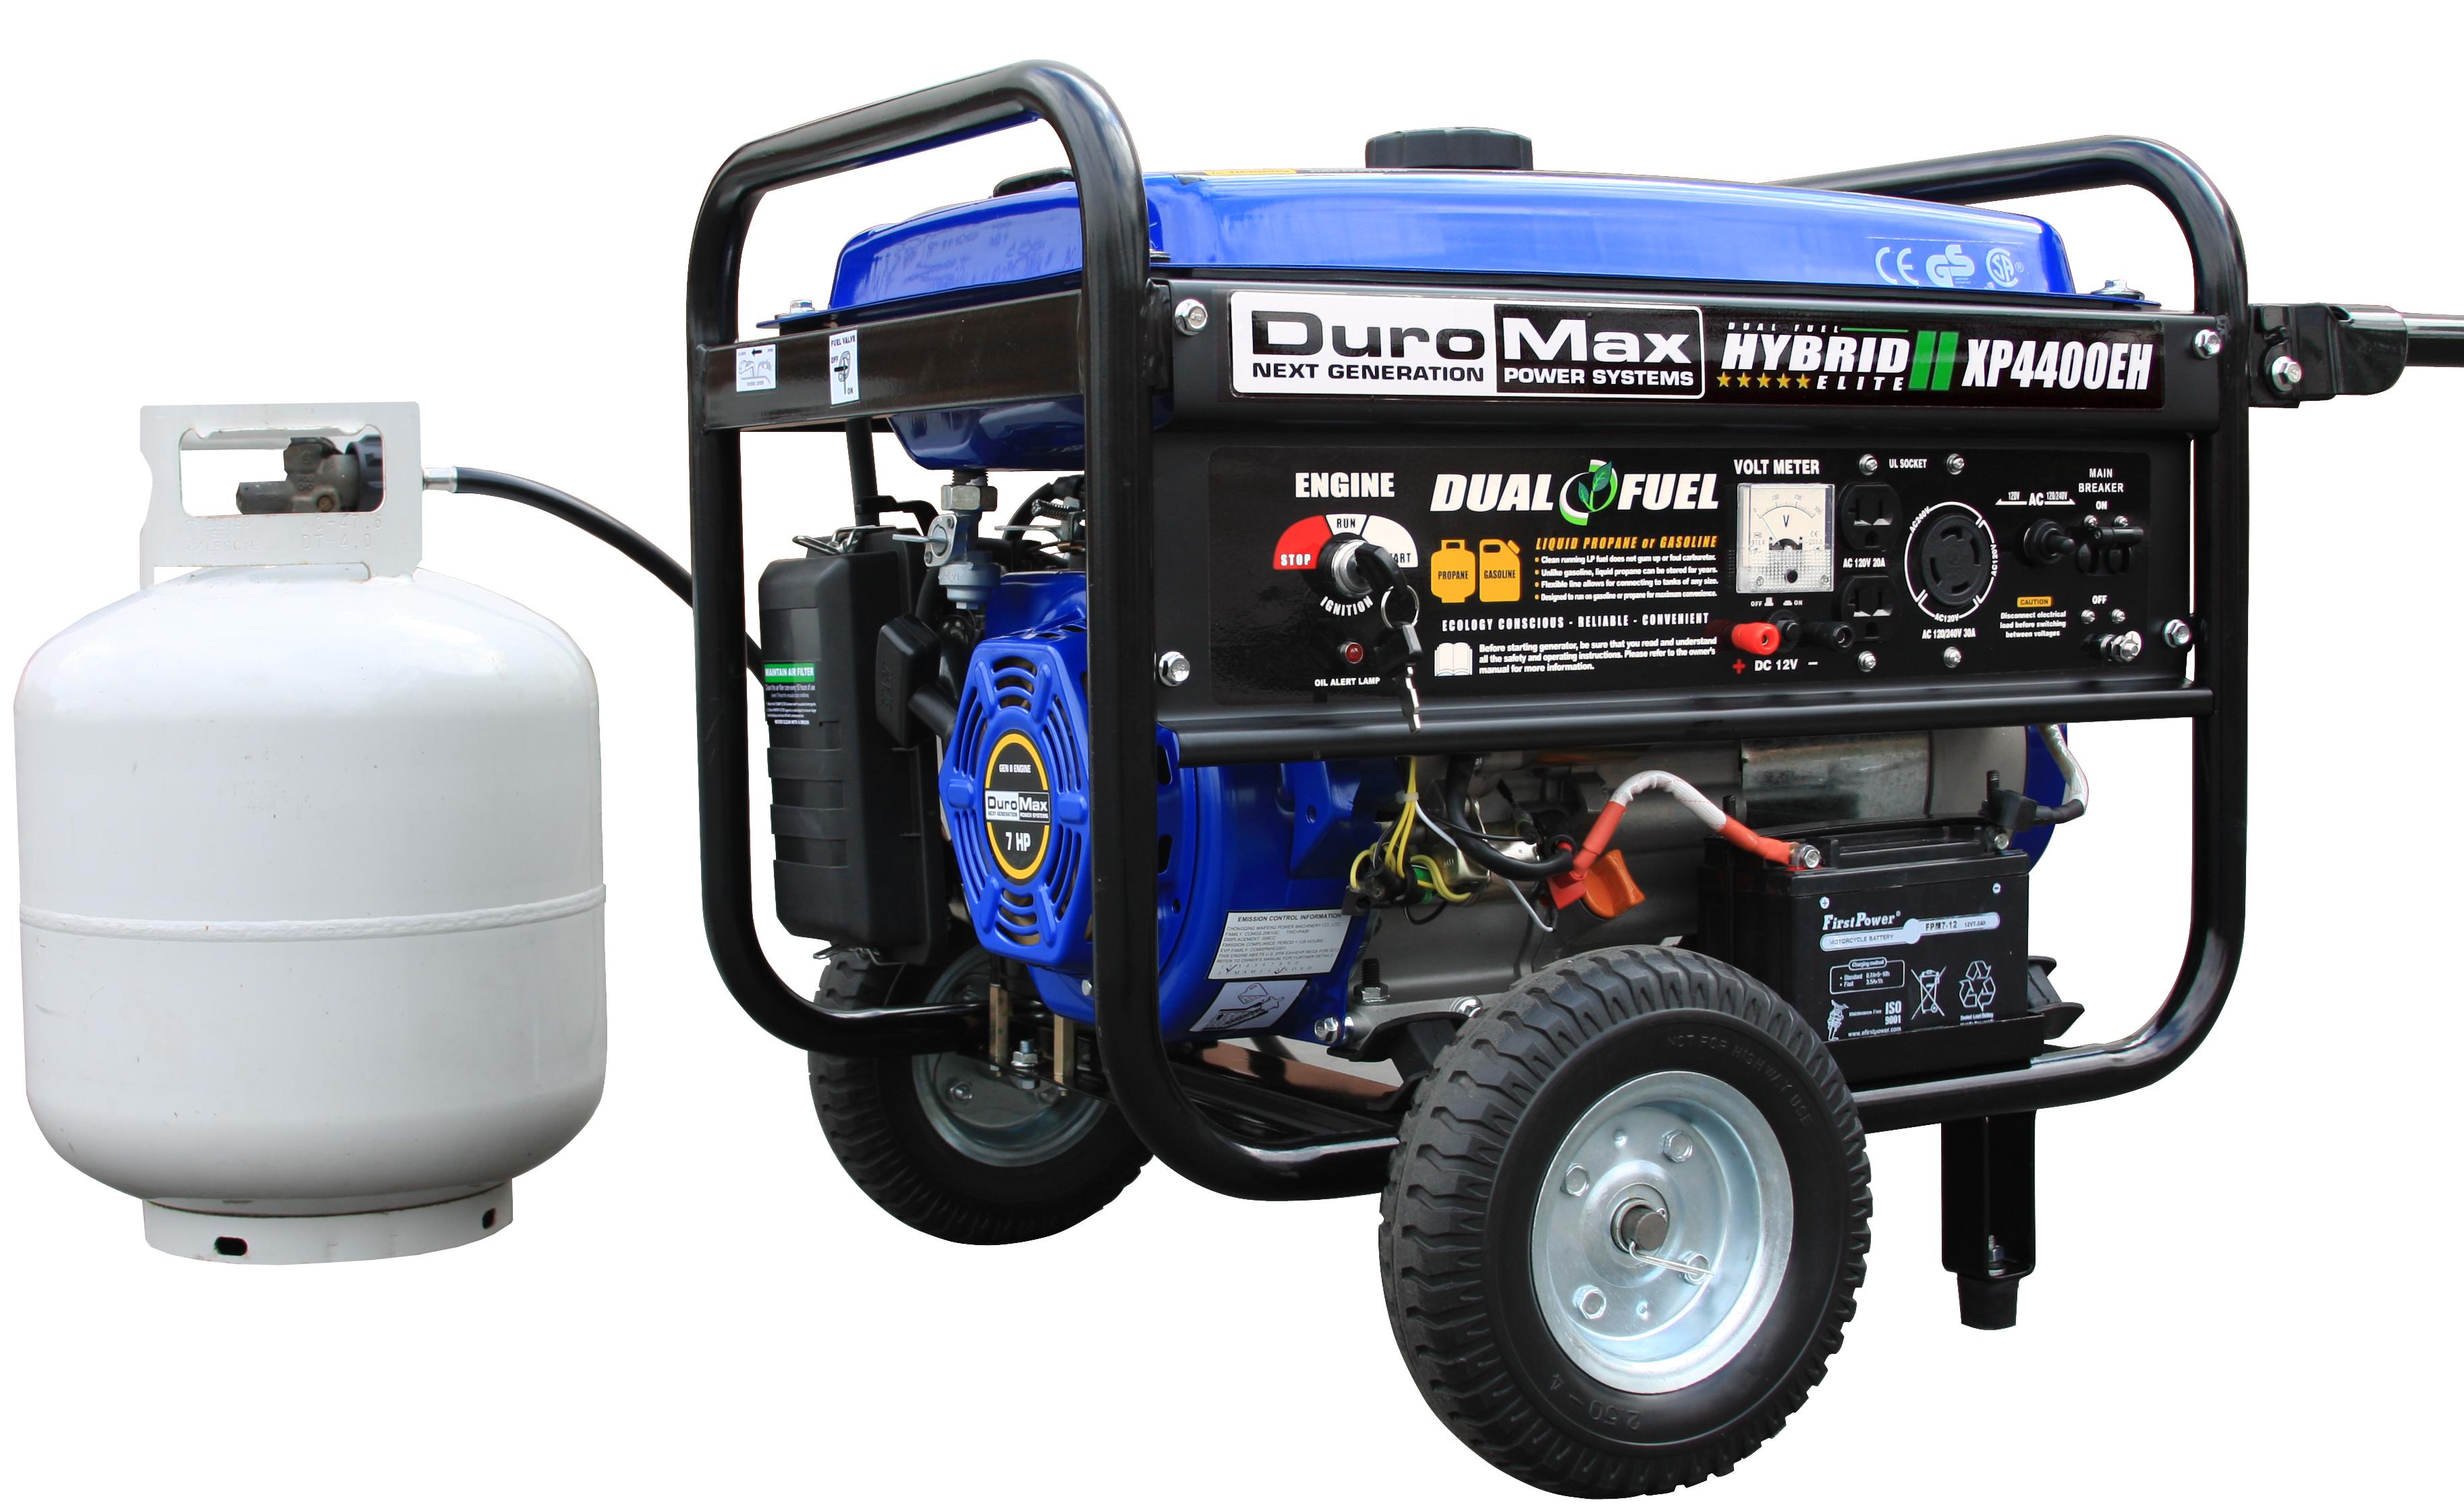 Duromax Xp4400eh Dual Fuel 4 400 Watt Hybrid Propane